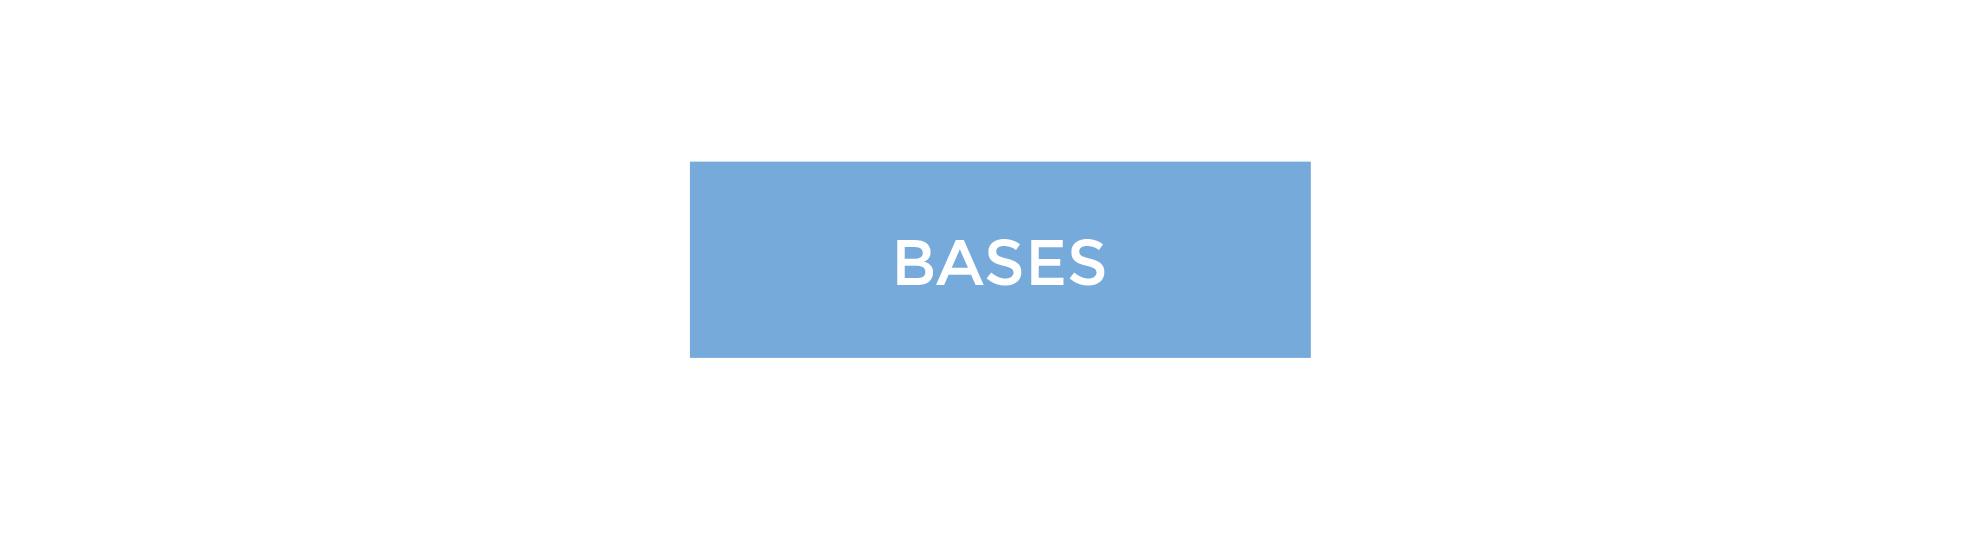 bases c1